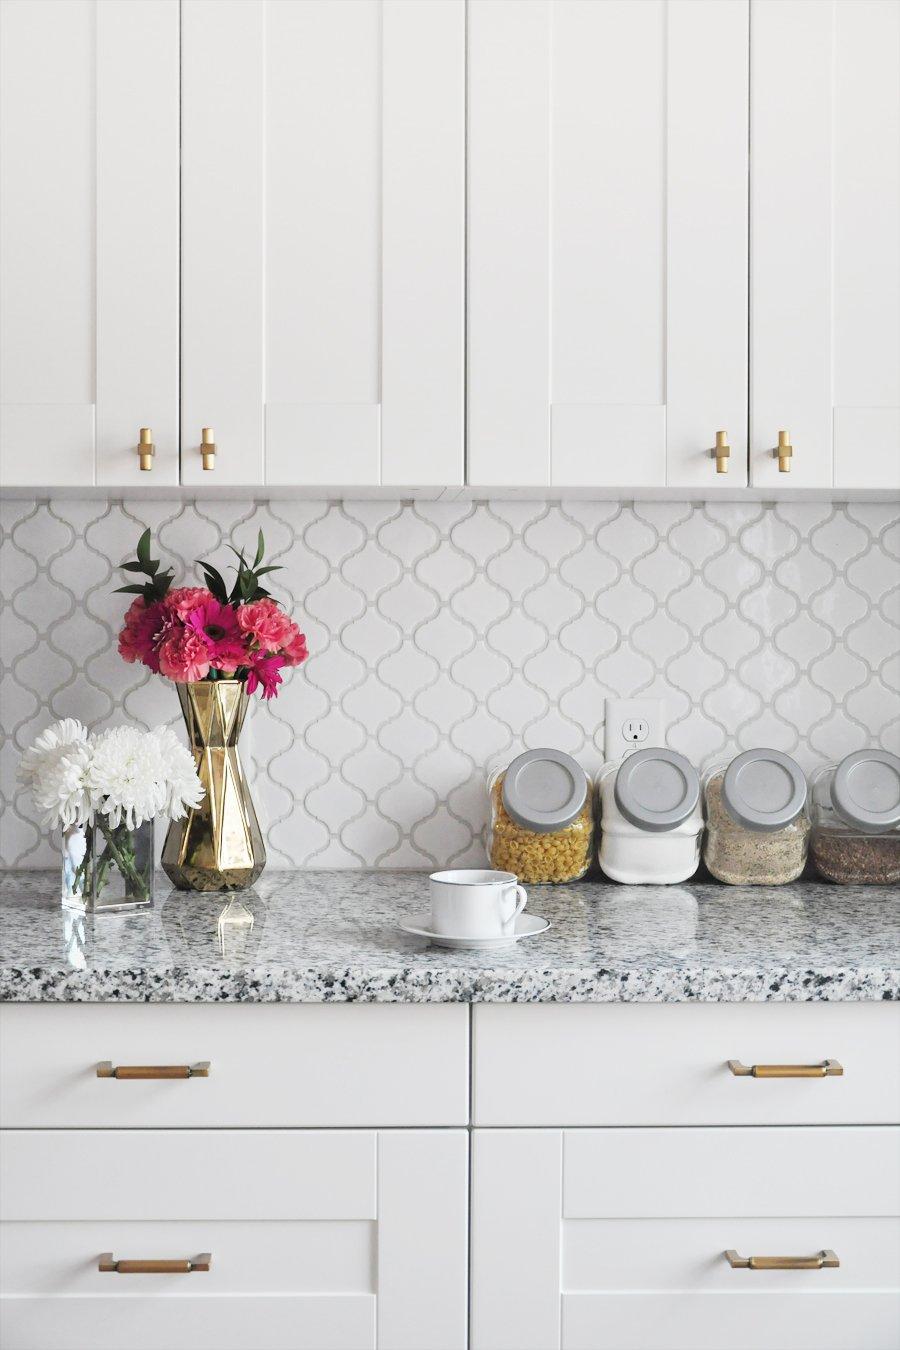 tile a kitchen backsplash diy tutorial